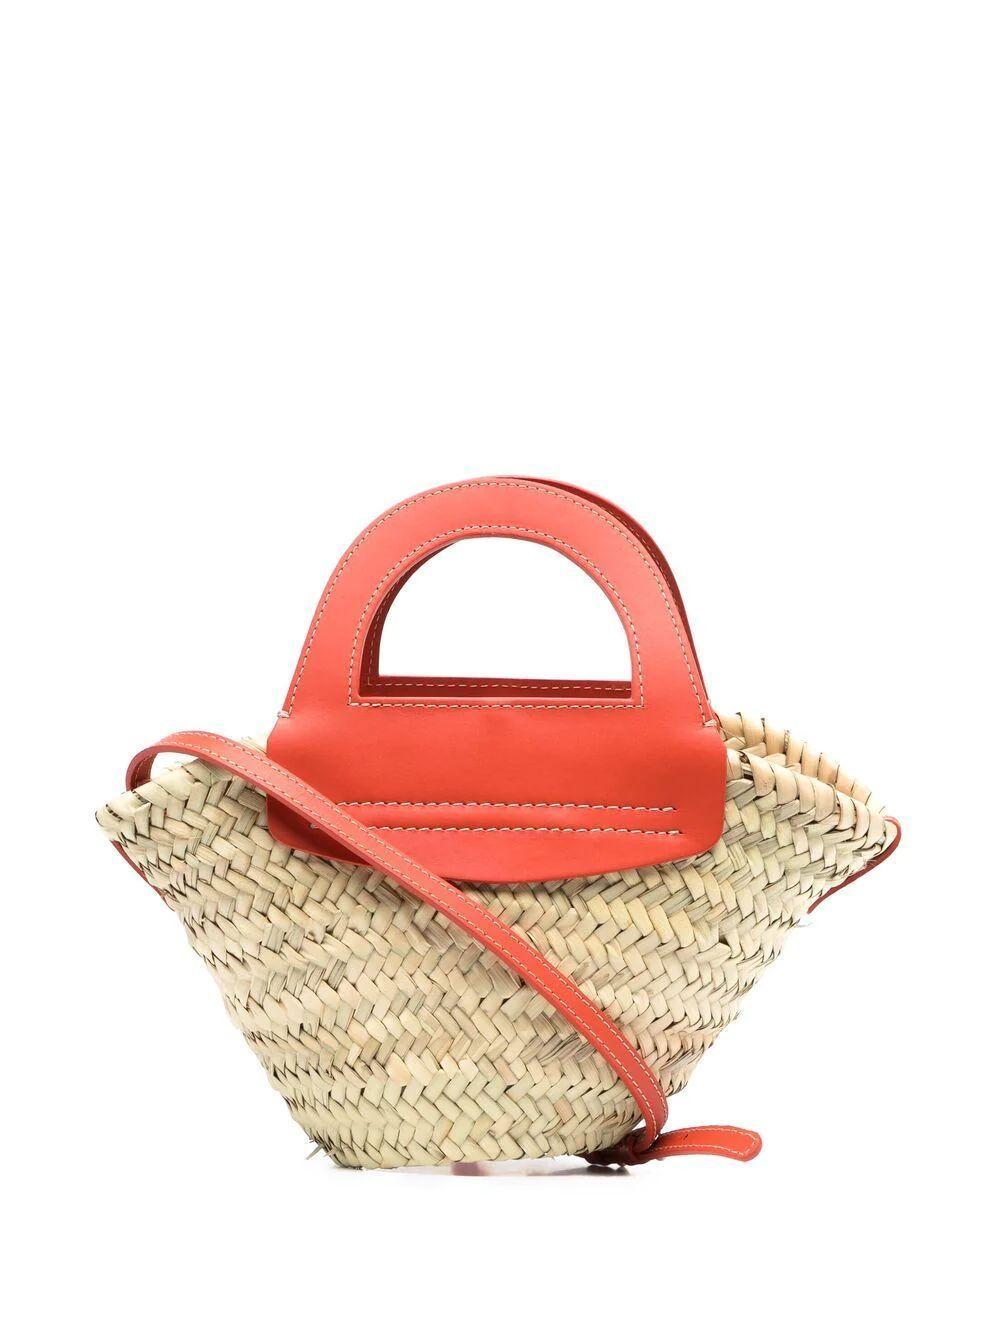 Cabas Mini Basket Tote Item # WBS21CANI002